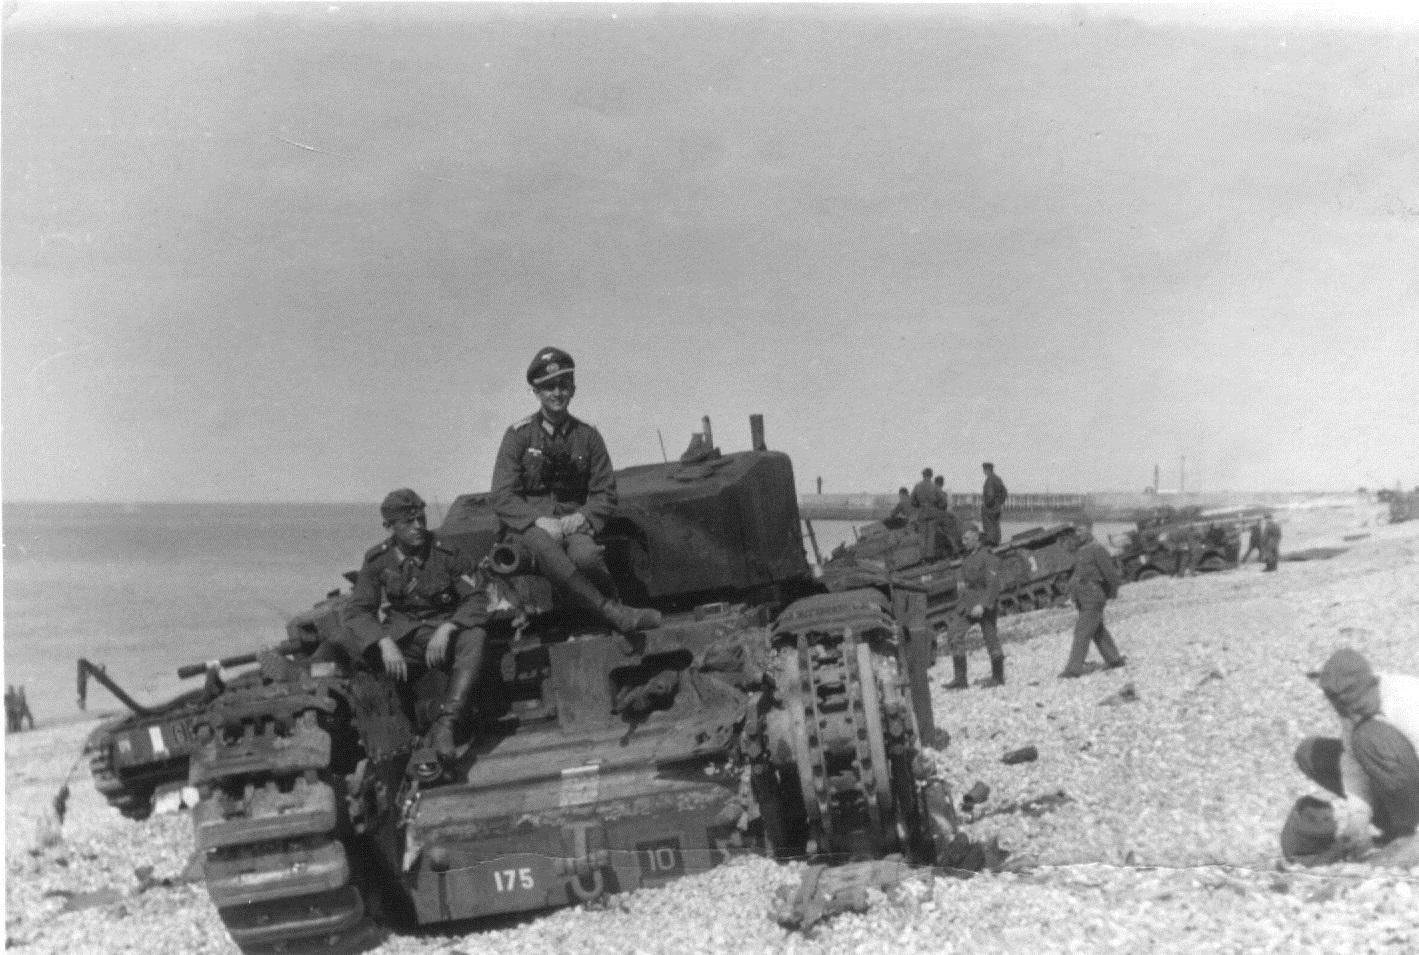 Коммандос в Дьеппе. Забытая история первой высадки союзников во Франции